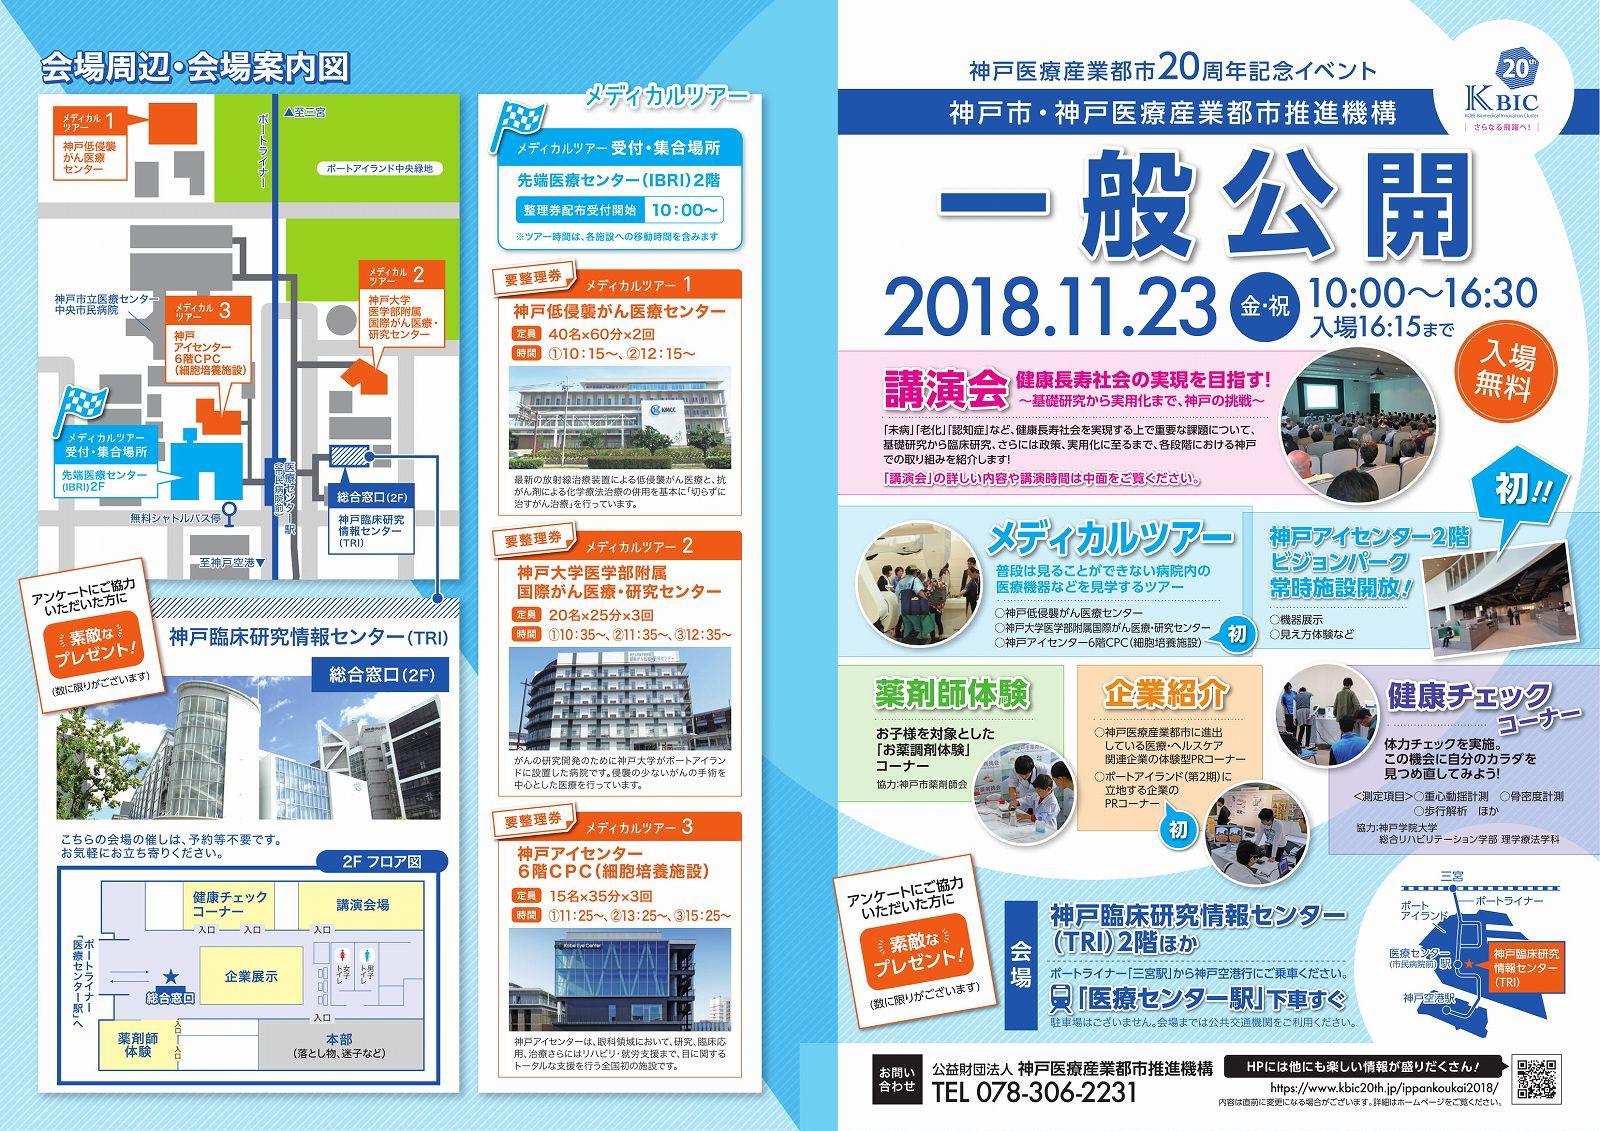 メディカルツアーもあり!「京コンピューターの一般公開」が11/23(祝)に開催されるよ! #京コンピューター #神戸医療産業都市 #ポートアイランド #KBIC #神戸アイセンター